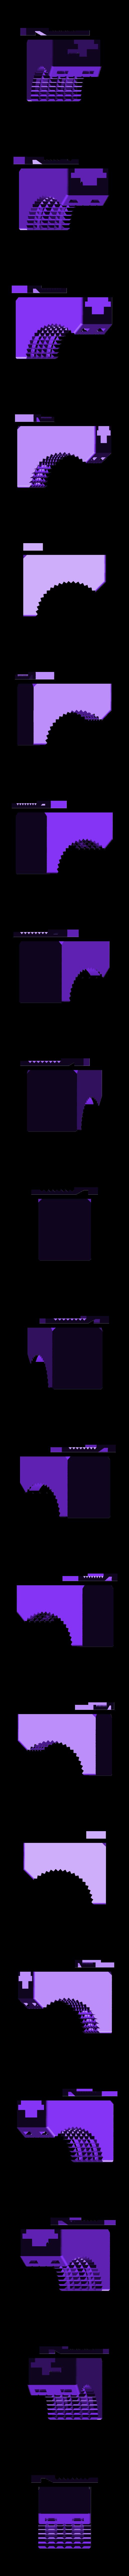 31mm_snapfit_handle_base_remix.stl Télécharger fichier STL gratuit poignée encliquetable pour montage sur barre (moletée, 22mm-34mm) • Objet imprimable en 3D, CyberCyclist